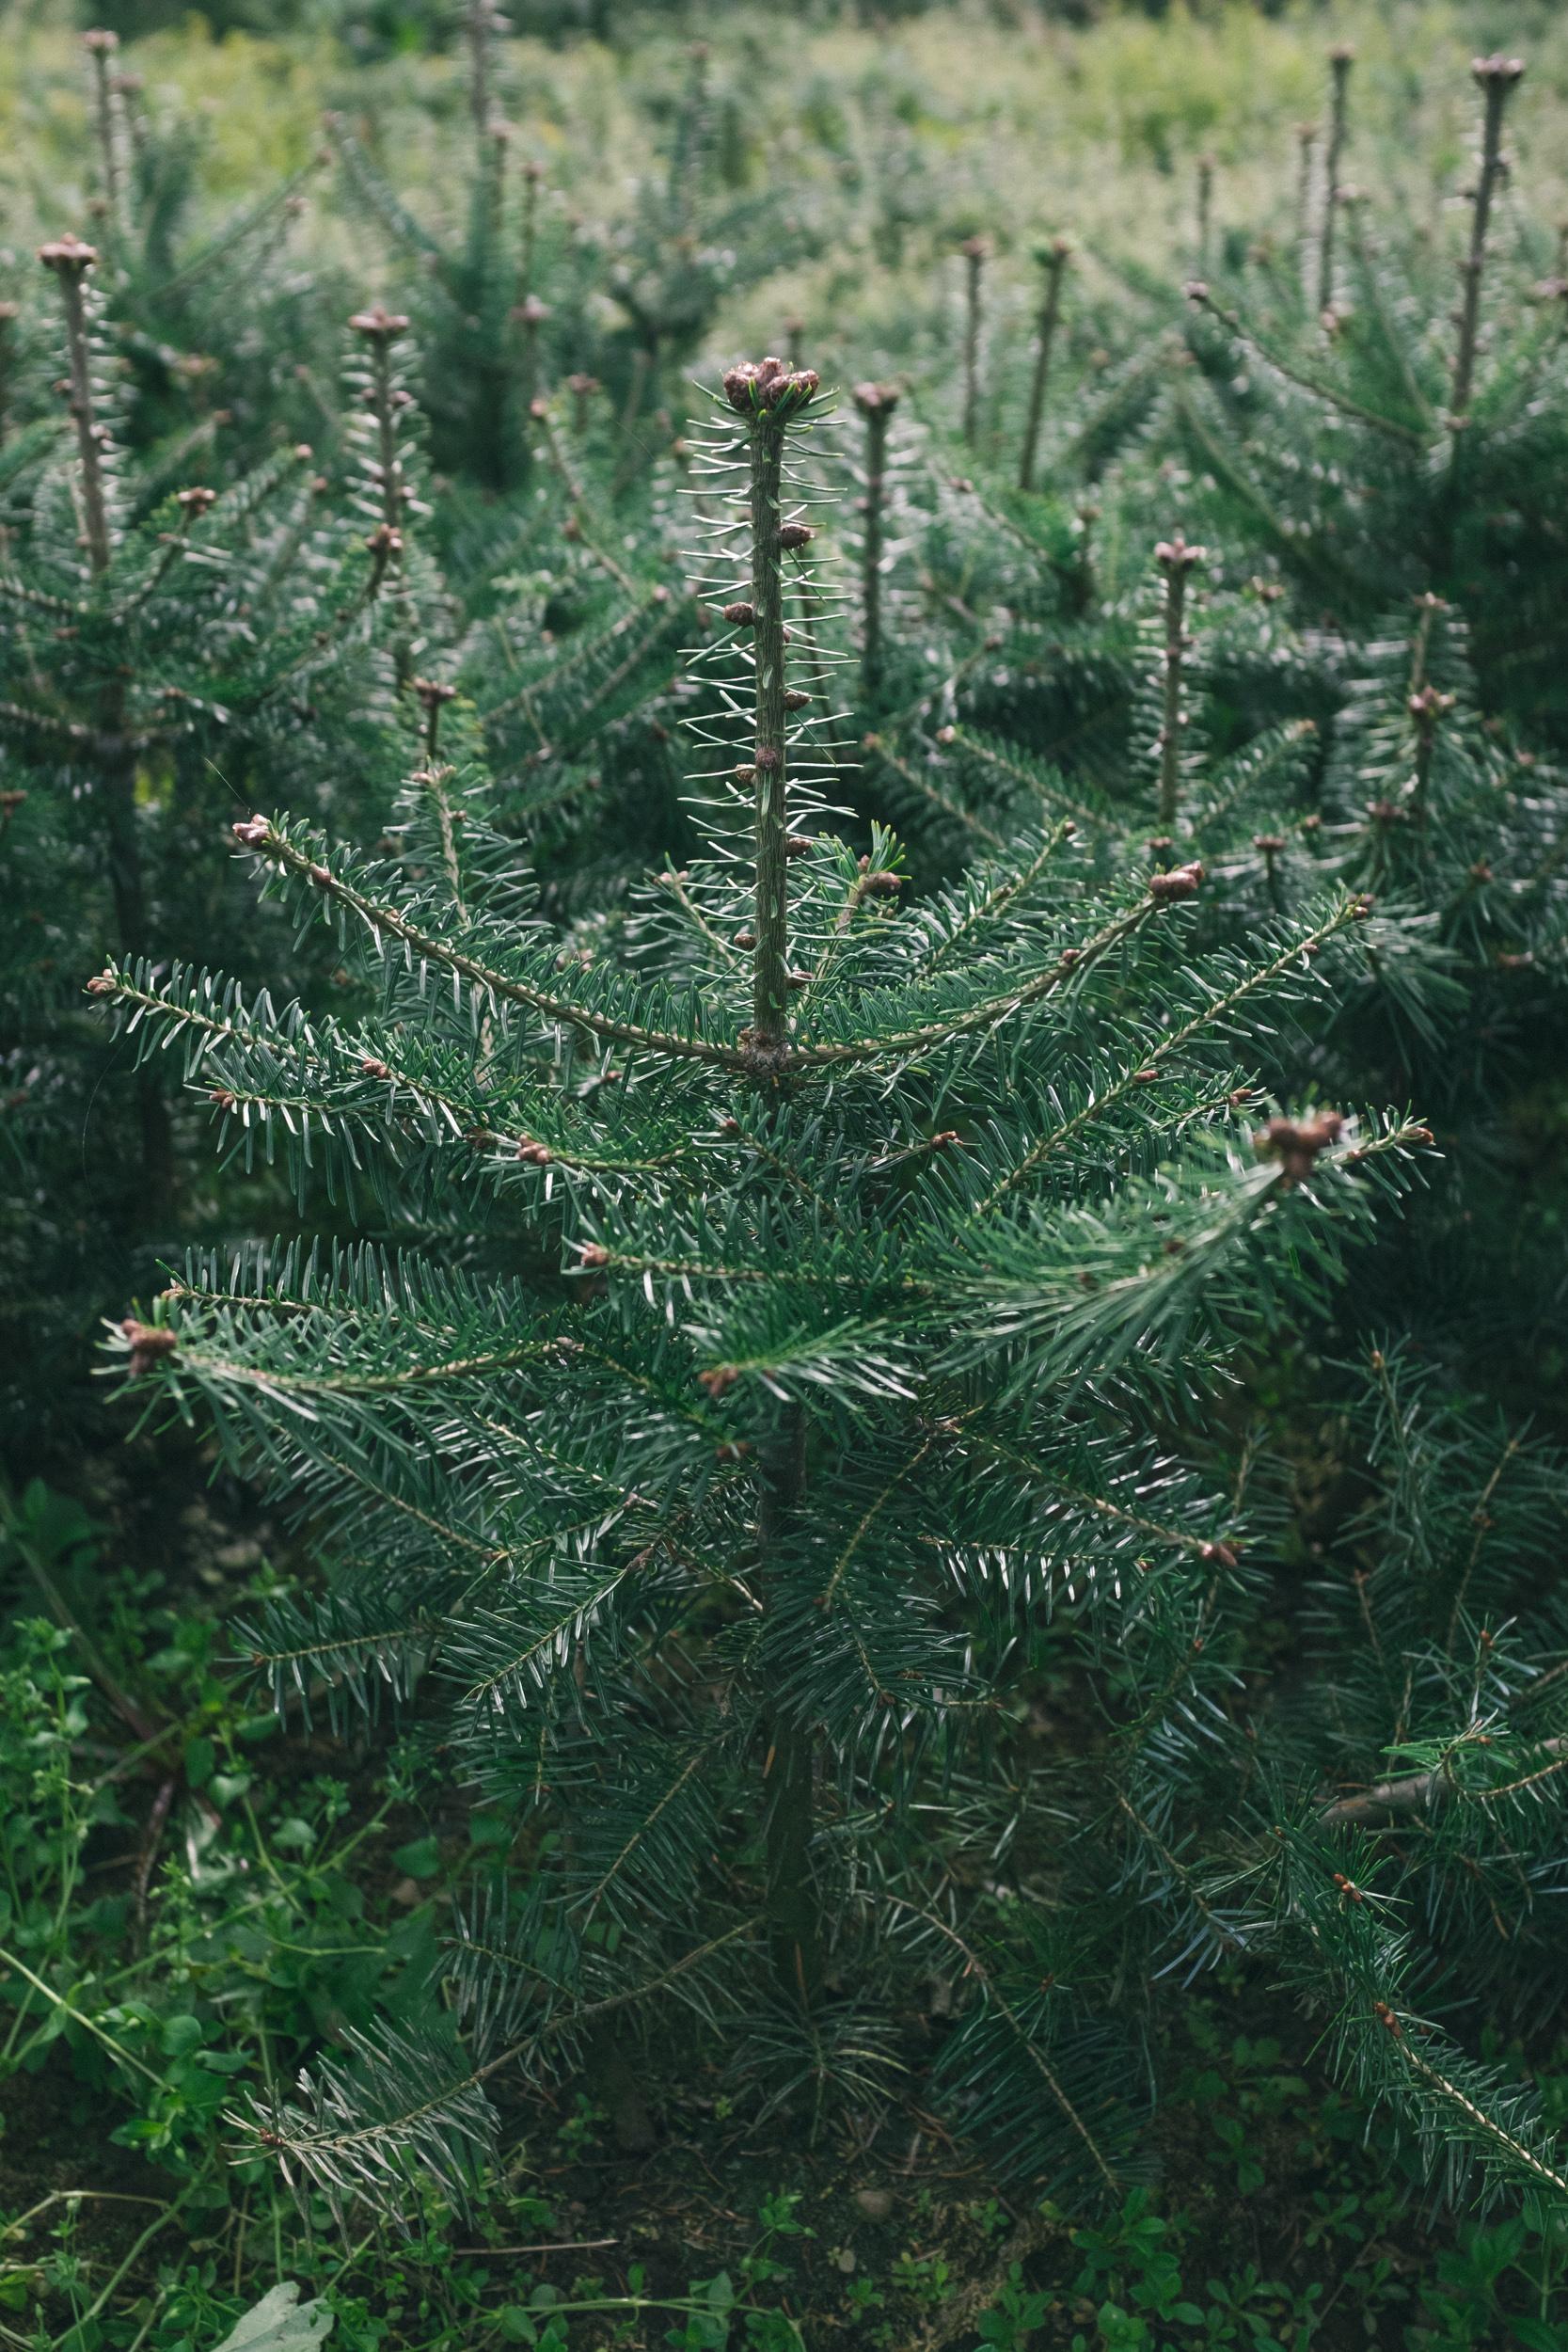 Balsam_fir_tree.jpg